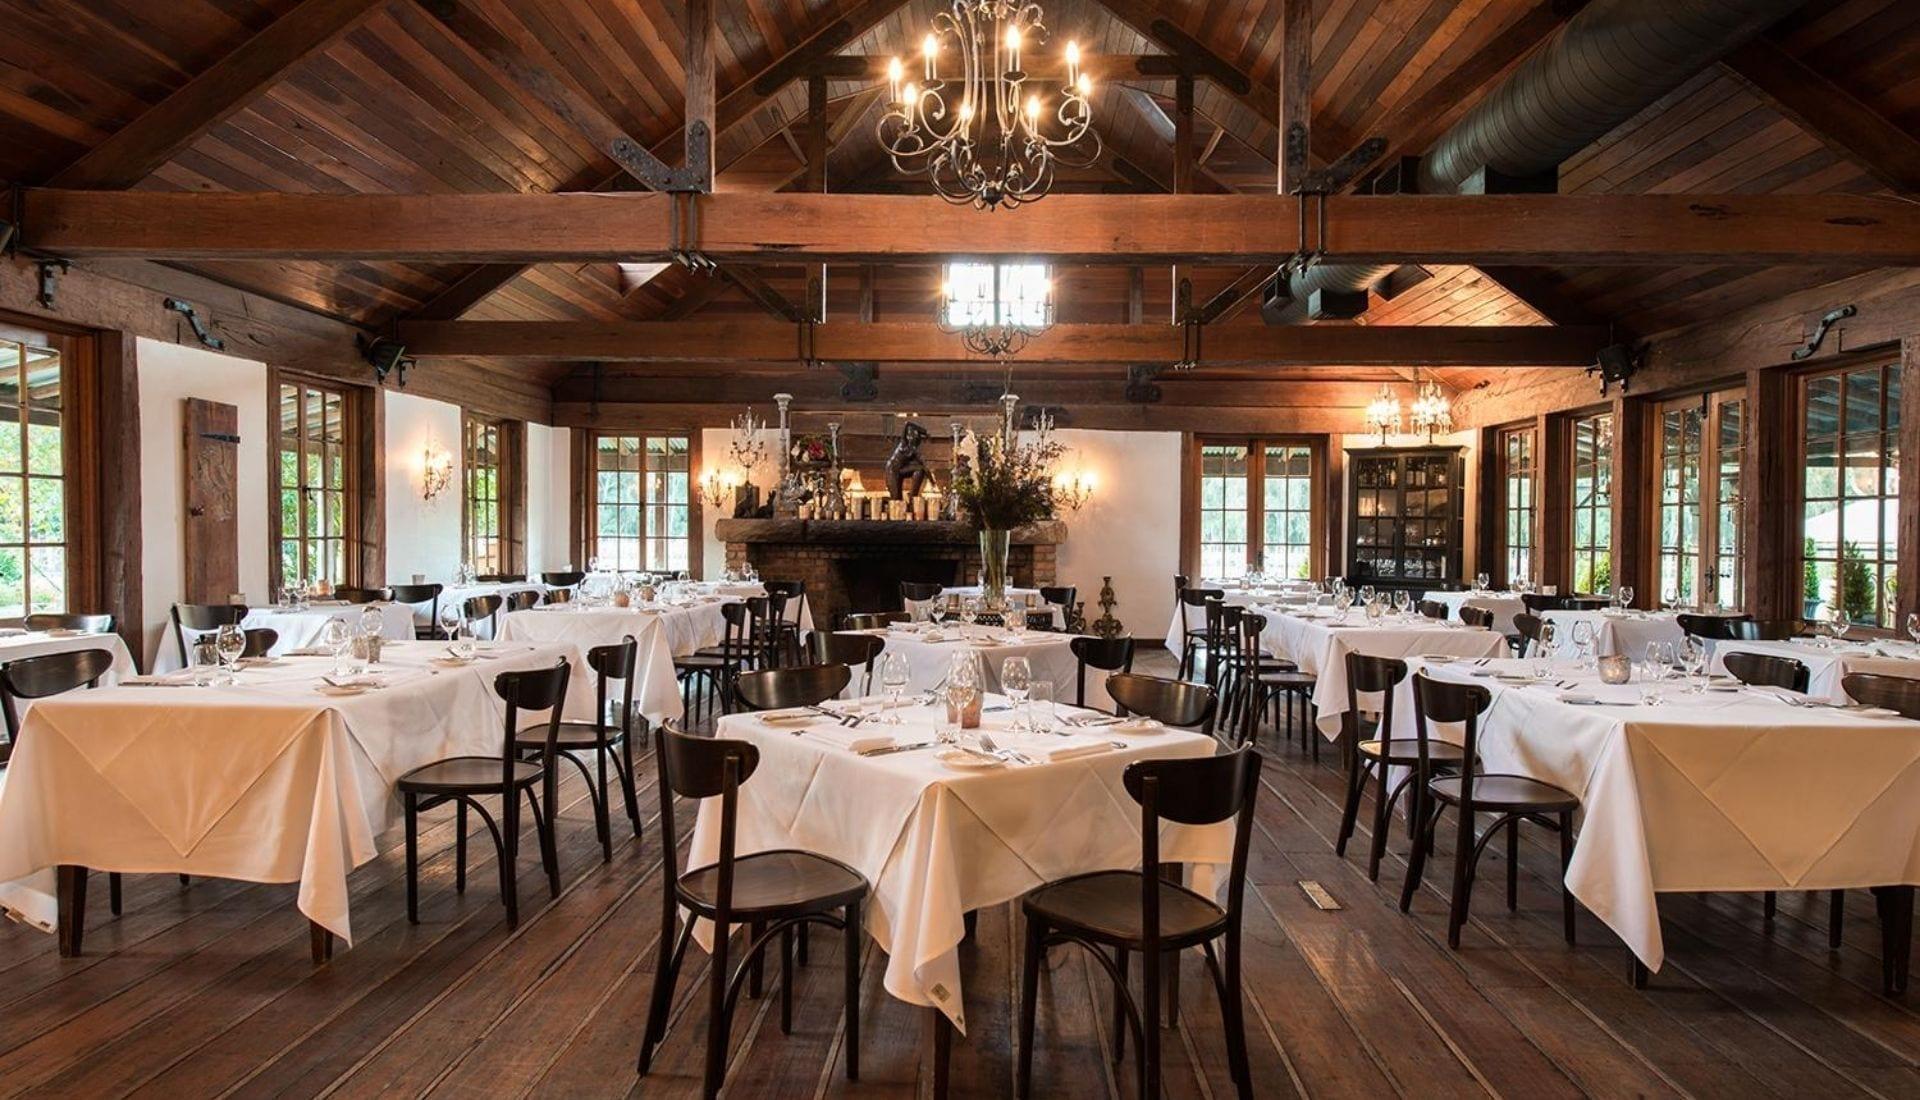 Circa 1876 Interior Restaurant